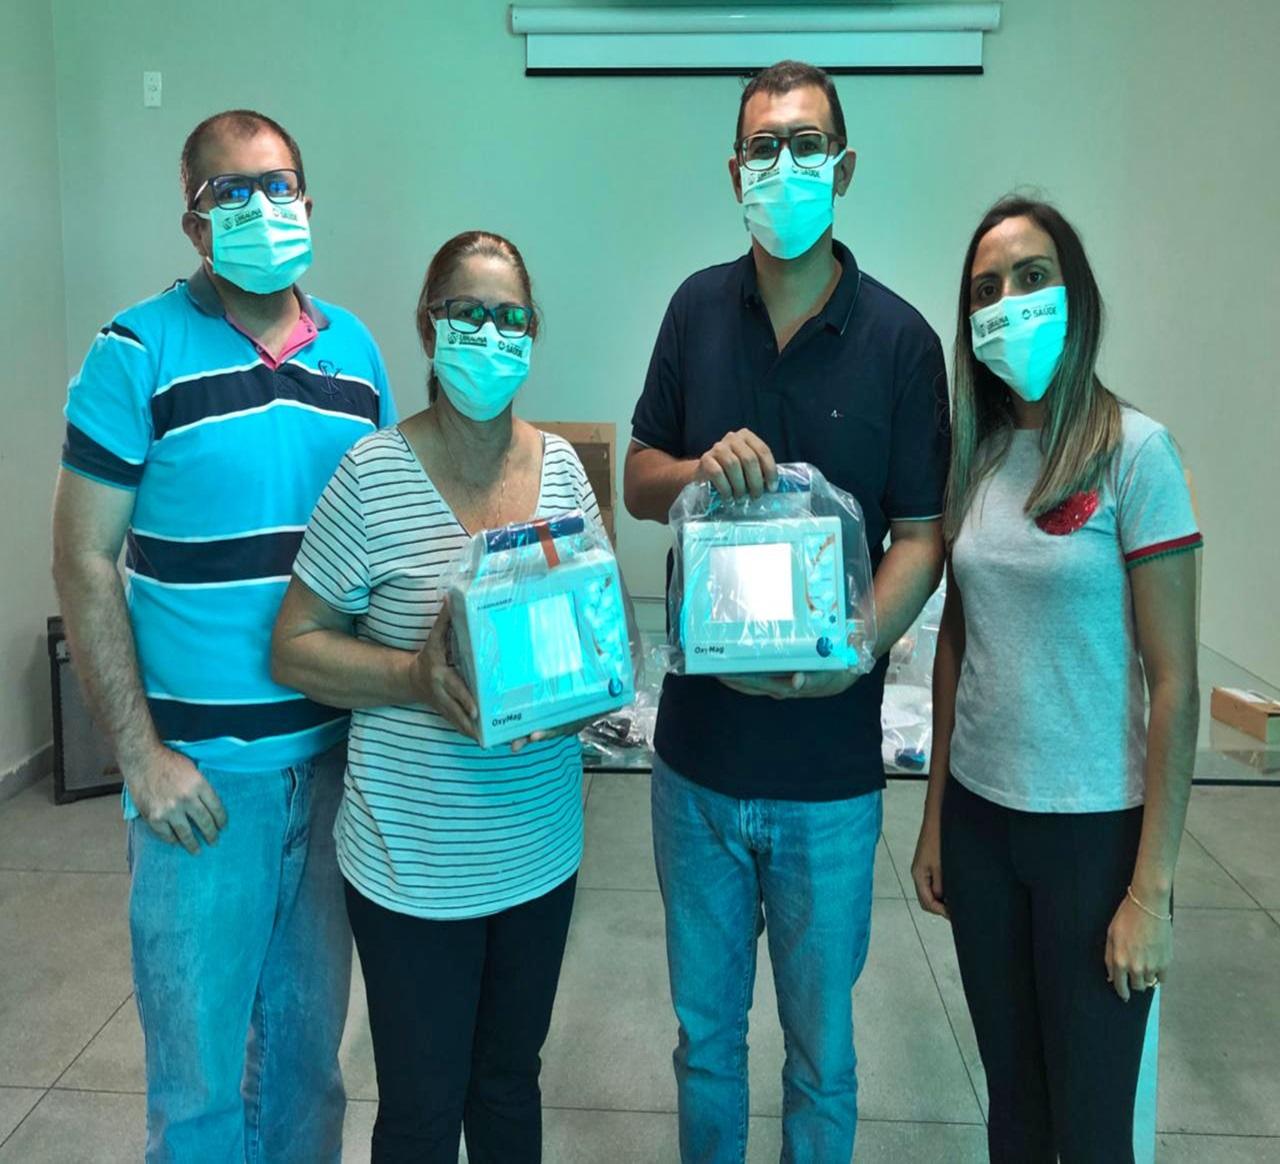 03072020 UIRAUNA - UIRAÚNA: Prefeitura Municipal recebe investimento de mais de R$ 90 mil em novos respiradores para o SAMU